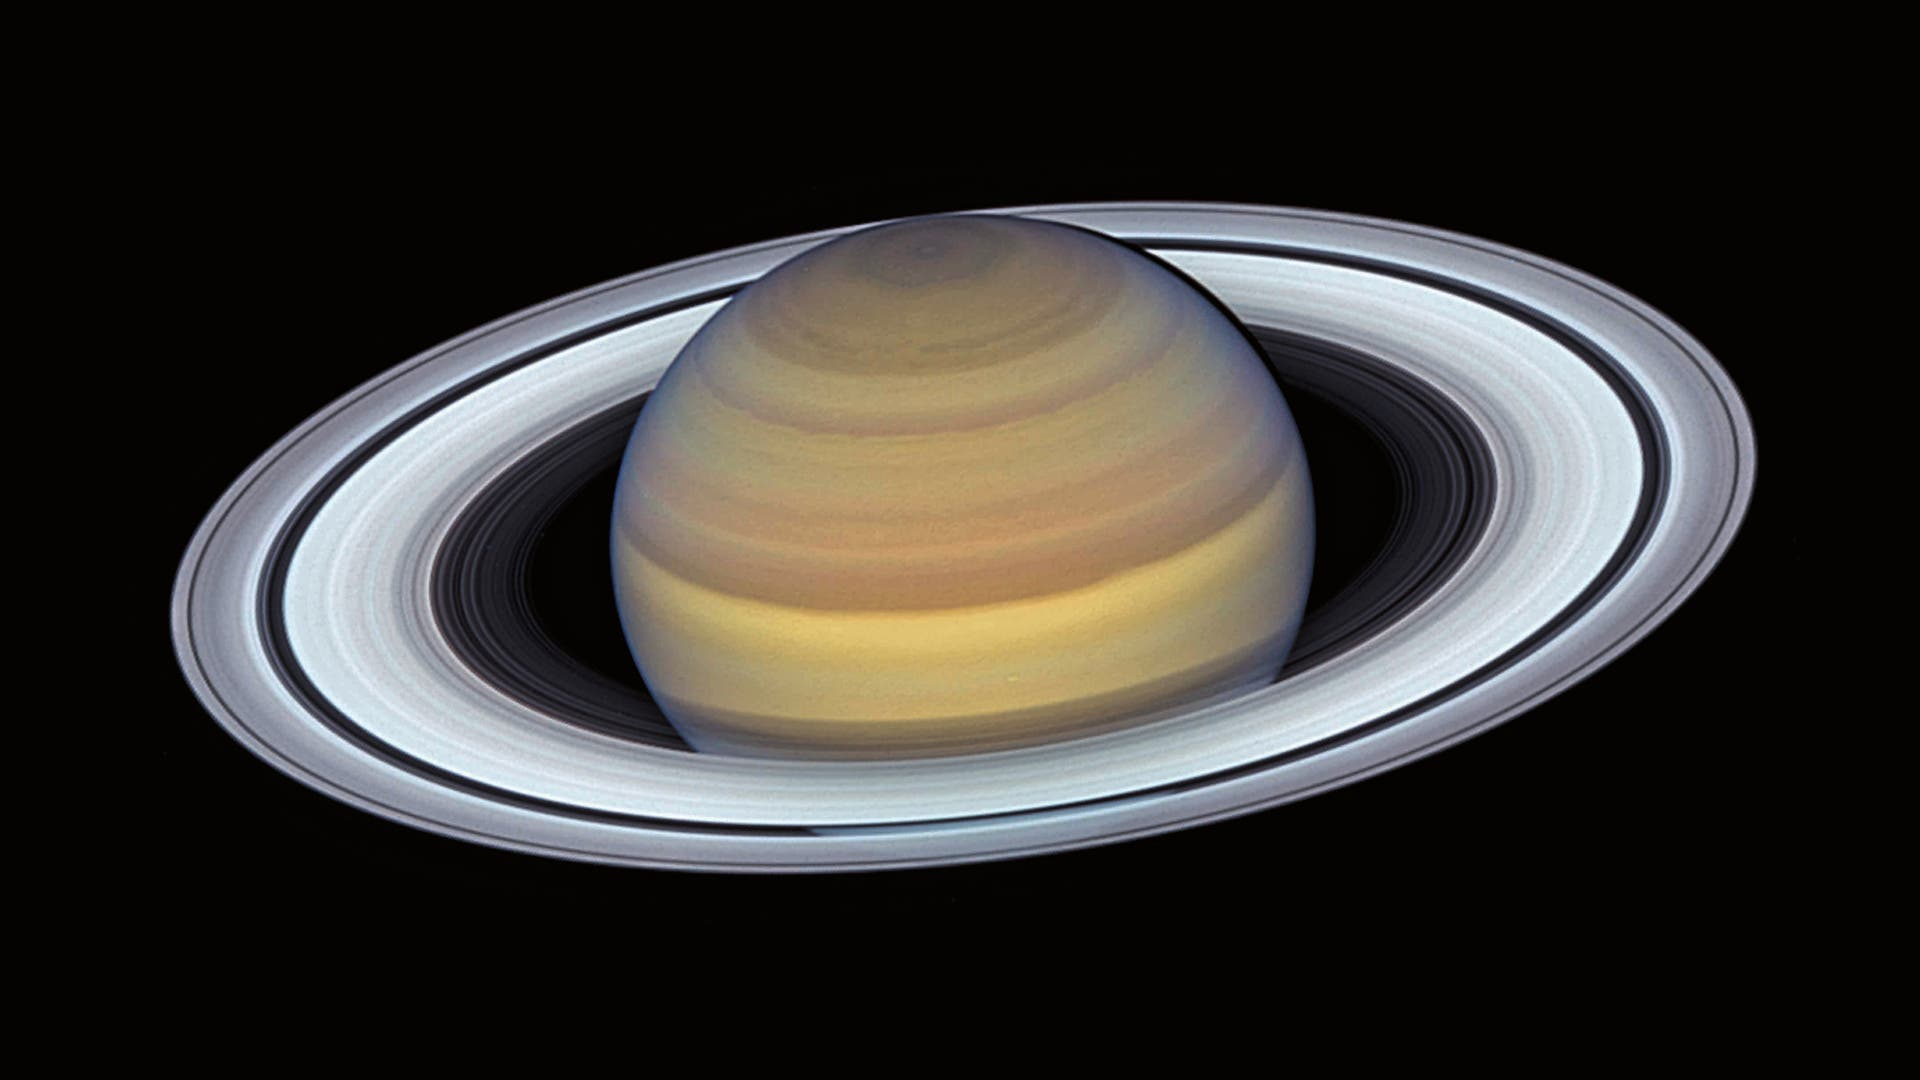 Ein Sommer auf Saturn